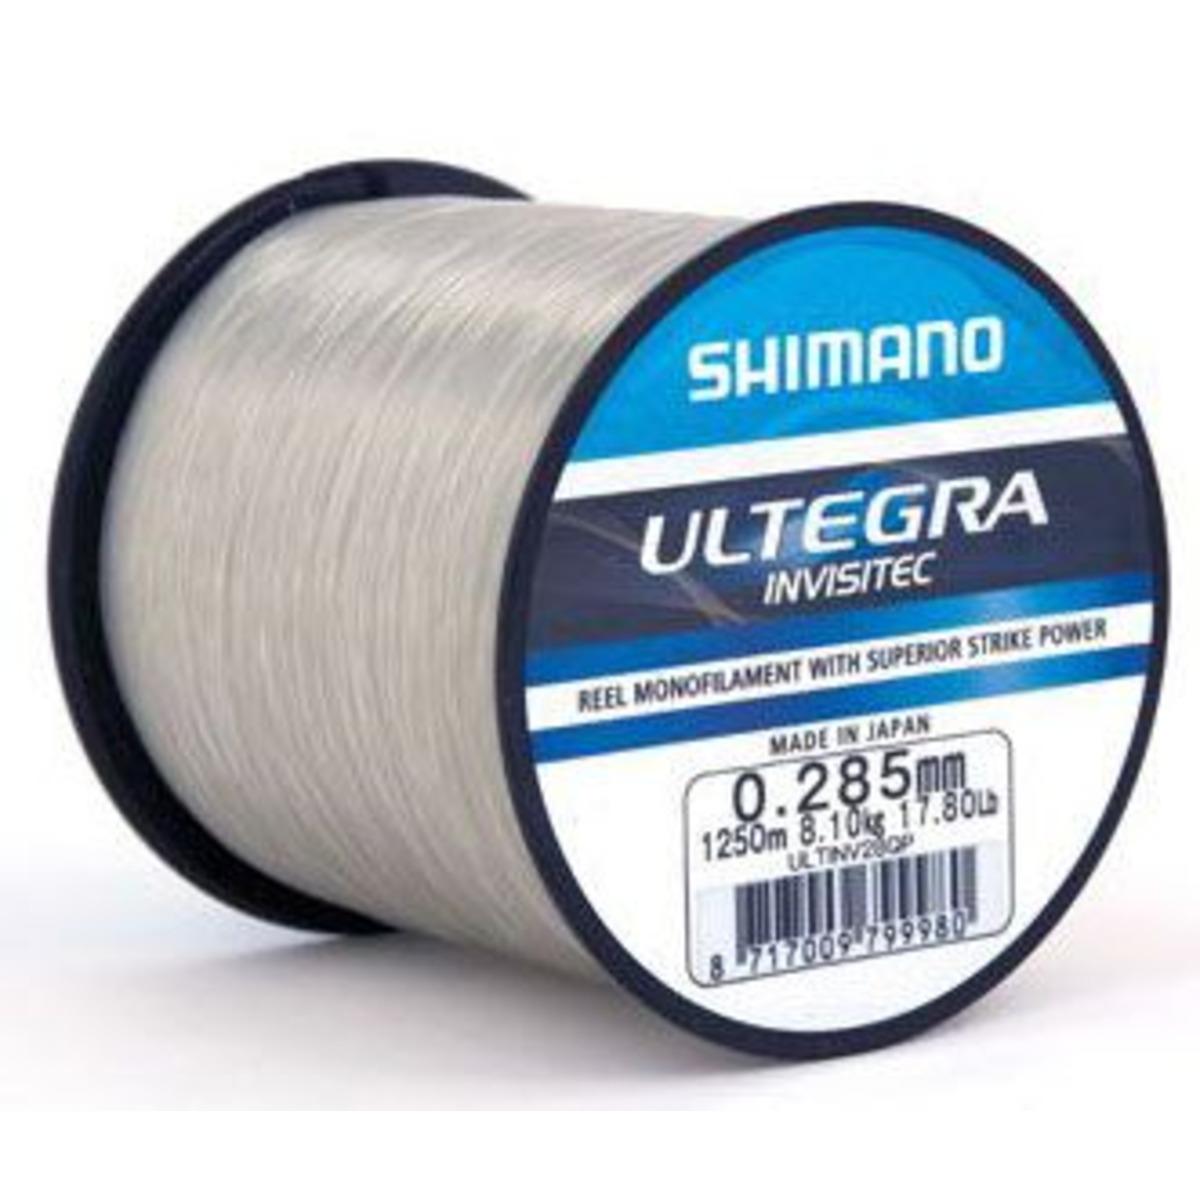 Shimano Ultegra Invisitec QP - 0.355 mm - 790 m